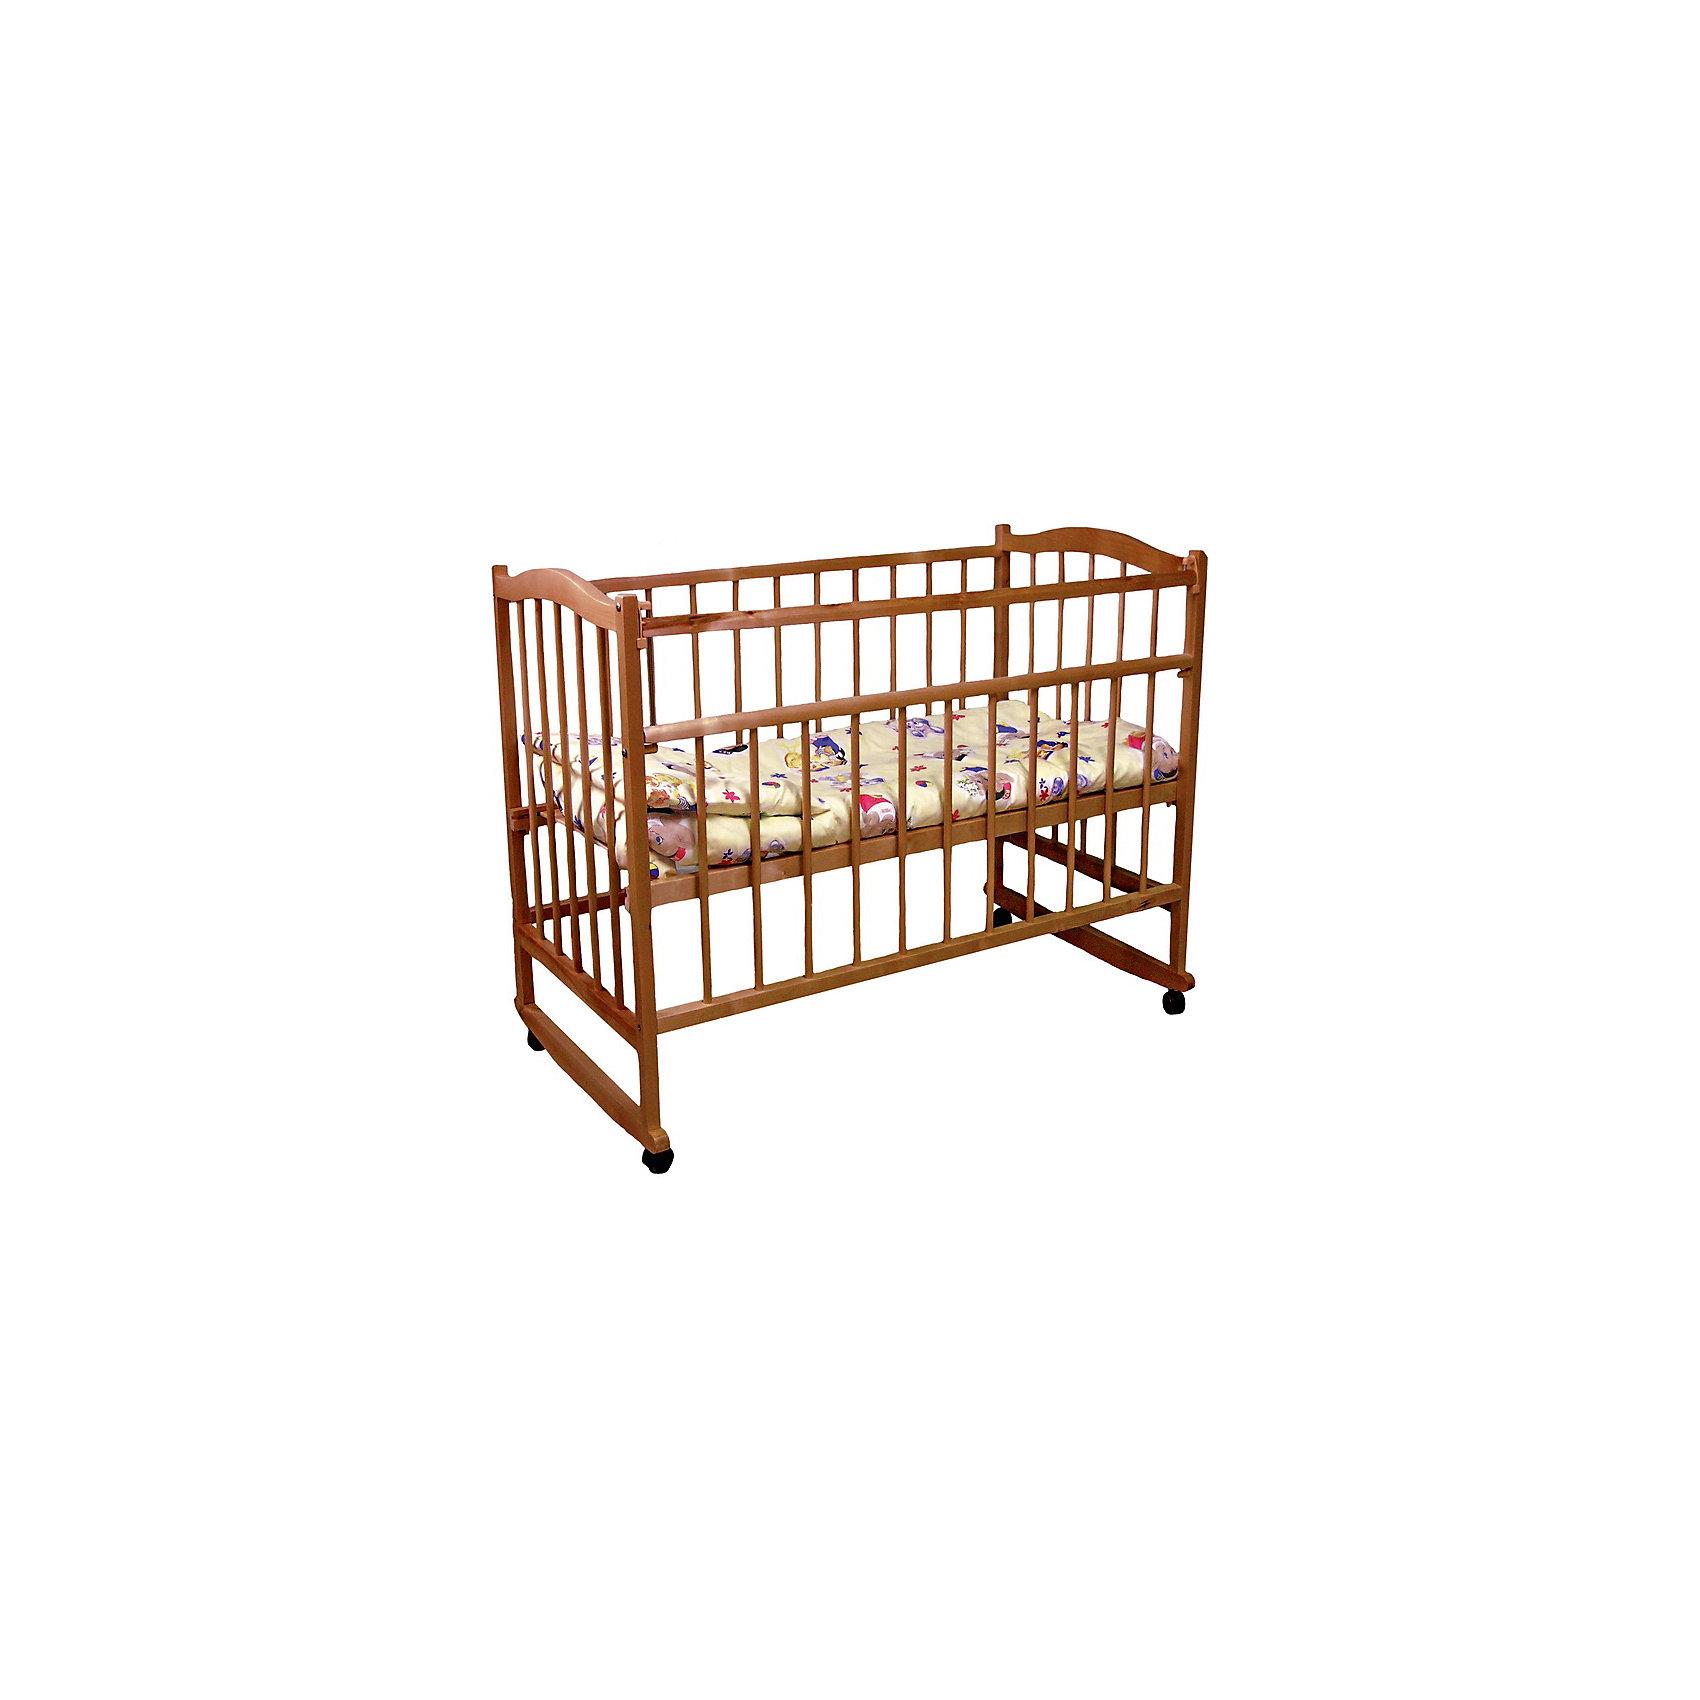 Кроватка 204, Фея, орехКроватки<br>Кроватка Фея подарит малышам комфортный отдых и сладкий сон с первых дней жизни. Кроватка изготовлена из высококачественных экологичных, безопасных для детей материалов, она вместительная и прочная, поэтому прослужит вам и вашему малышу очень долго. Реечное дно модели регулируется в двух положениях - когда ваш кроха подрастет, опустите ложе и не беспокойтесь о том, что юный непоседа сможет самостоятельно выбраться из своего гнездышка.  Благодаря специальному механизму Ушко, боковая стенка кровати быстро и легко опускается. Кровать имеет колесики, с помощью которых ее удобно перемещать по комнате, при желании колеса можно снять, преобразовав кровать в качалку. <br><br>Дополнительная информация:<br><br>- Материал: дерево (массив березы).<br>- Размеры: 126х70х101 см. <br>- Для матраса размером: 120x60 см.<br>- Ложе регулируется в 2-х положениях.<br>- Передняя стенка опускается. <br>- Дно: реечное.<br>- Стенки: реечные. <br>- Съемные колеса.<br>- Качалка. <br><br>Кроватку 204, Фея, орех, можно купить в нашем магазине.<br><br>Ширина мм: 1000<br>Глубина мм: 1260<br>Высота мм: 730<br>Вес г: 16150<br>Возраст от месяцев: 0<br>Возраст до месяцев: 36<br>Пол: Унисекс<br>Возраст: Детский<br>SKU: 4796977